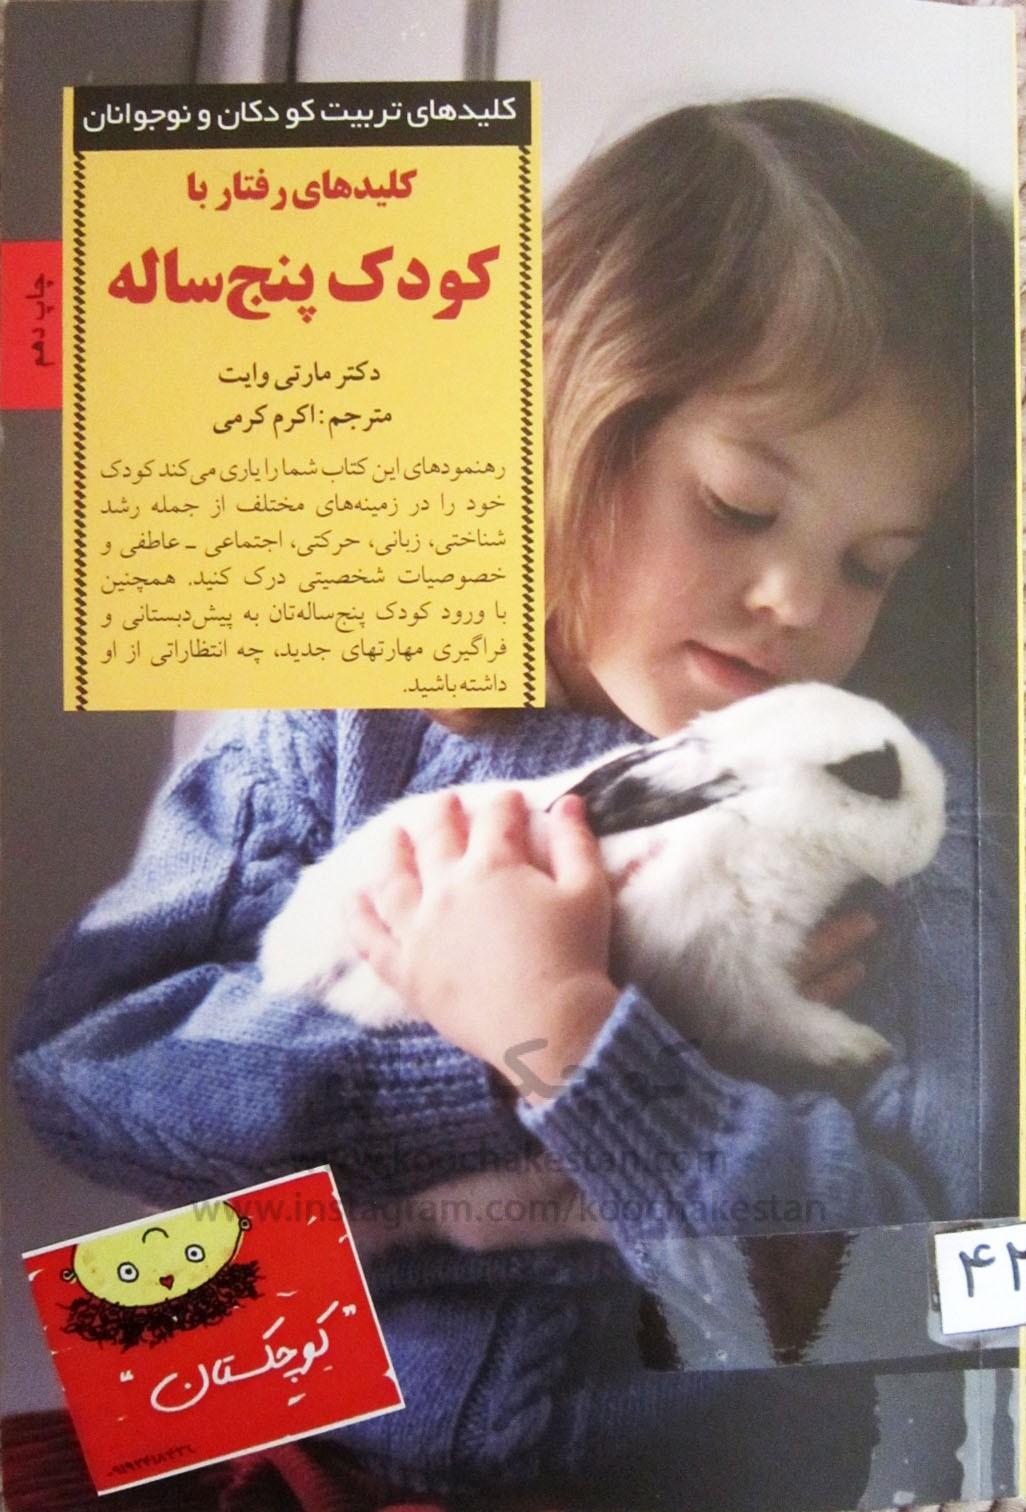 کلیدهای رفتار با کودک 5 ساله - کتابخانه کودک - کوچکستان